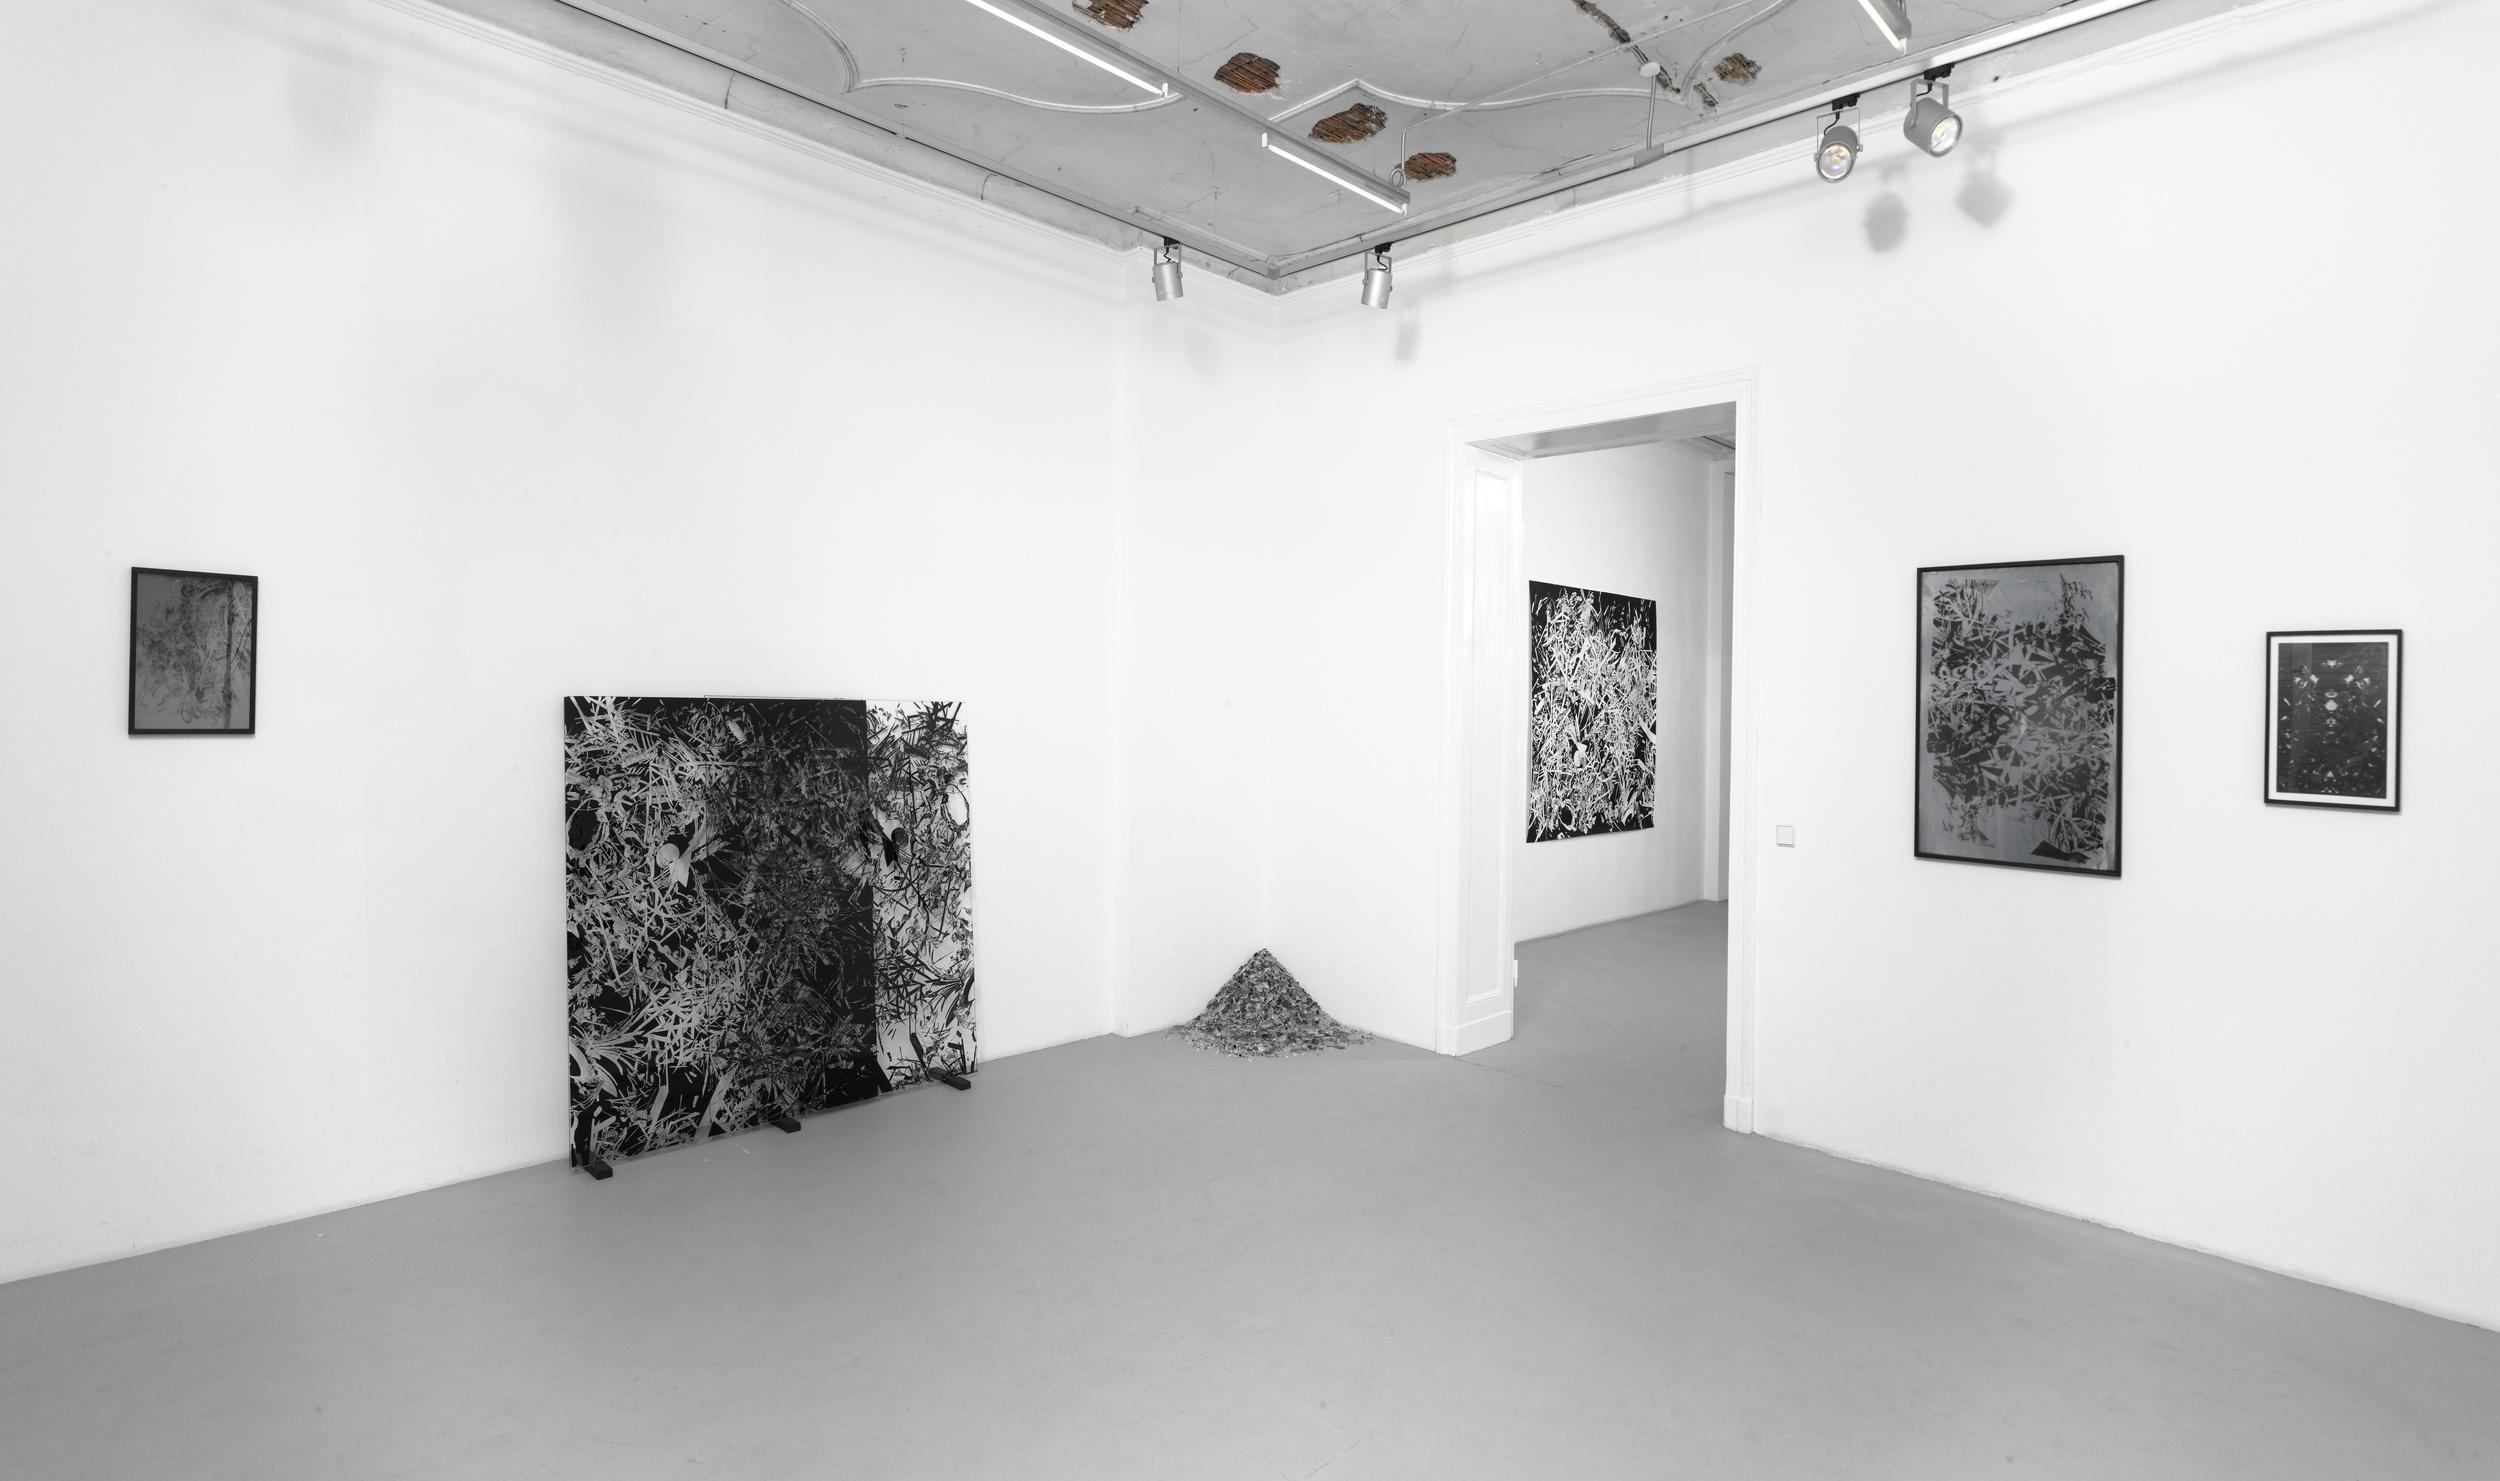 exhibition_view_Ich_weiß_dass_ich_nichts_weiß_at_AndraeKaufmann_Gallery_2012.jpg